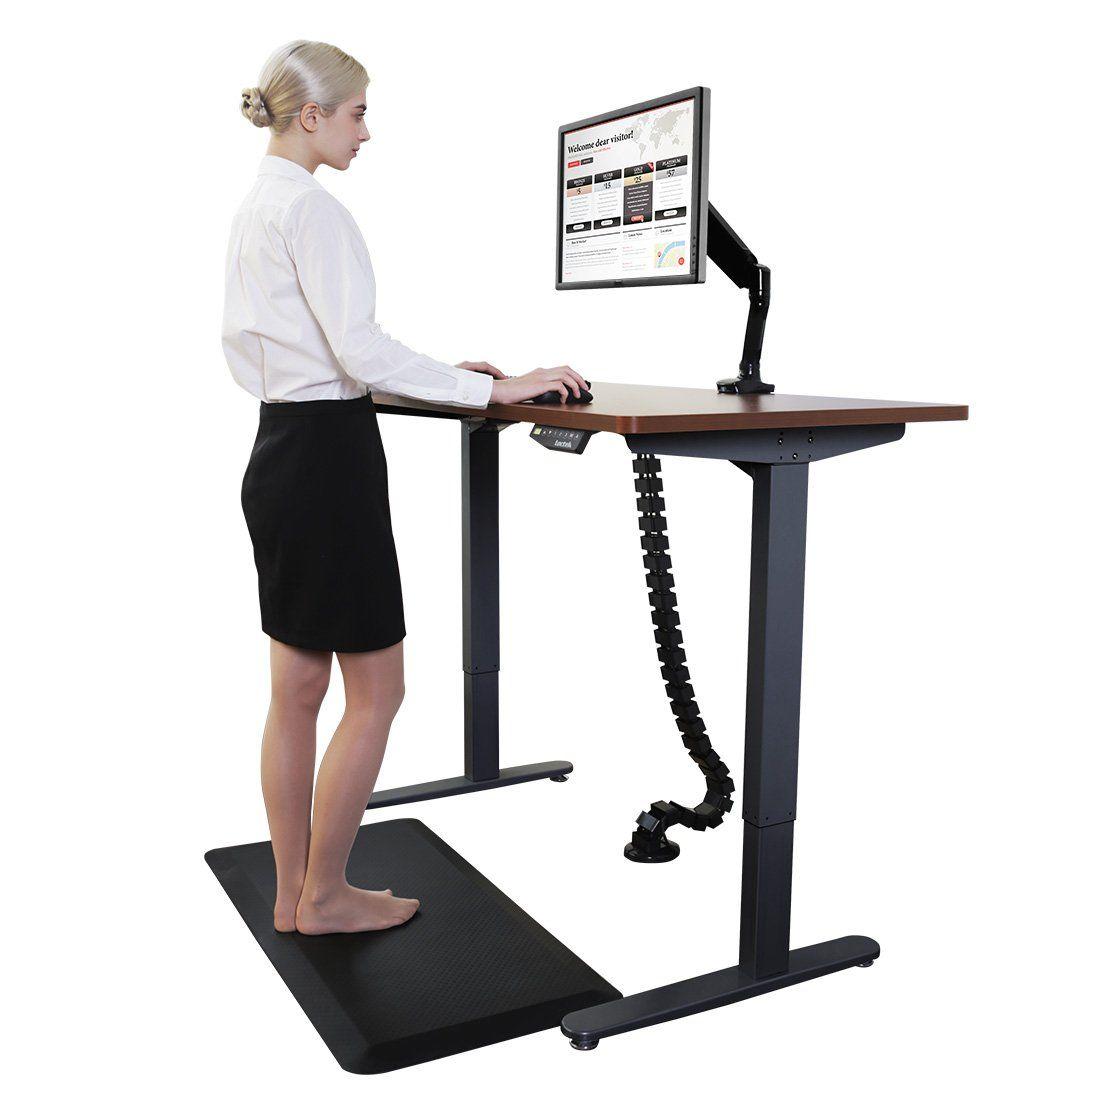 Flexispot Standing Desk Mat 20 In X 39 In Nonslip Comfort Kitchen Floor Mat 3 4 Antifatigue Black Comfort Kitchen Floor Stand Up Desk Standing Desk Floor Mats